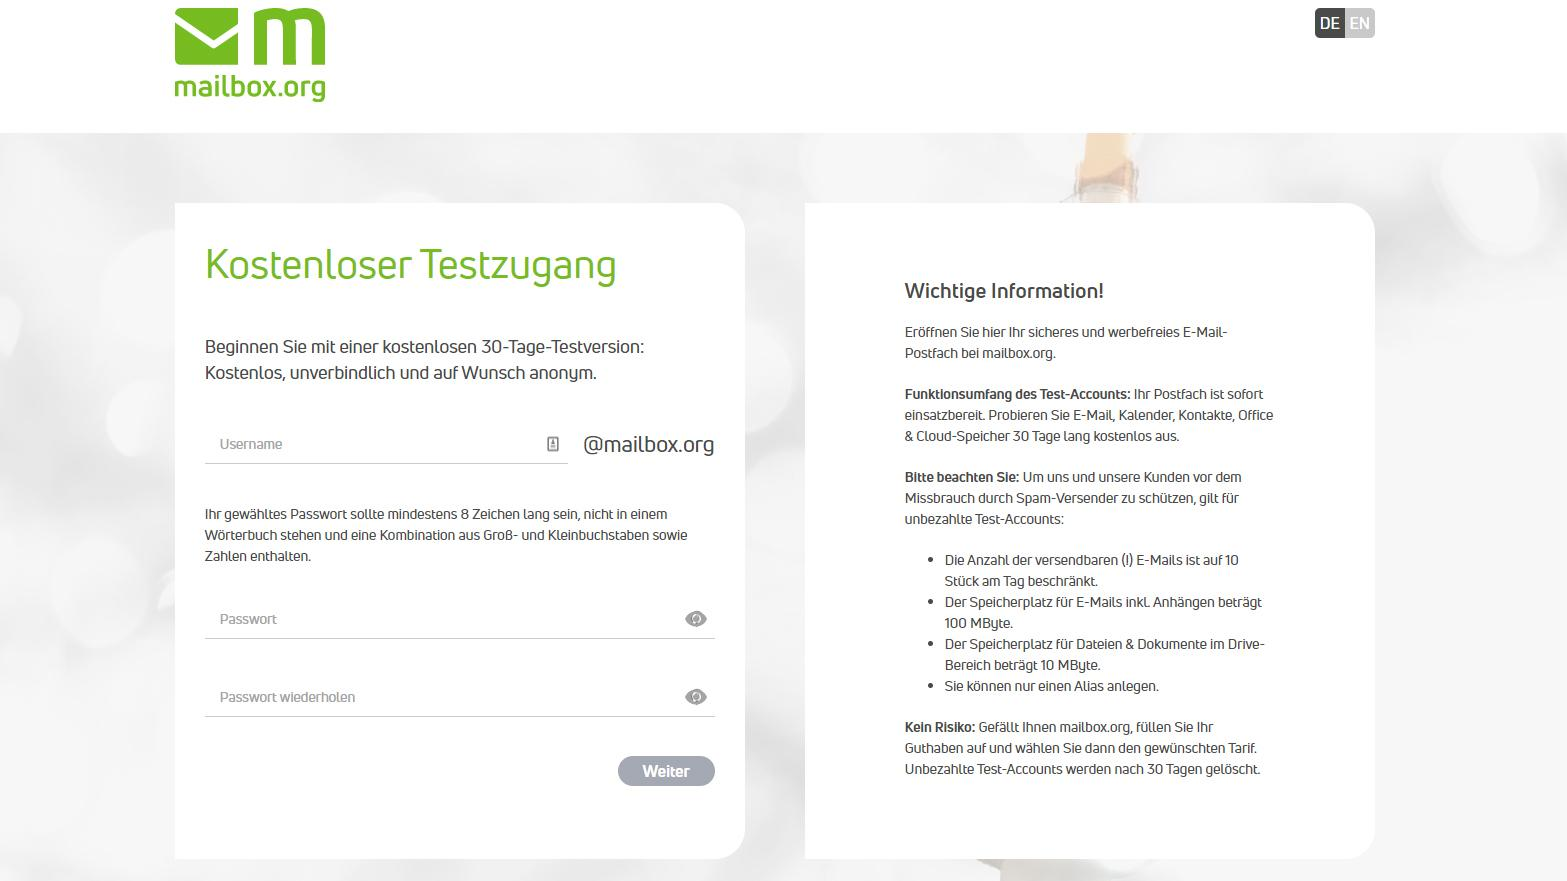 Mailbox können Sie 30 Tage lang eingeschränkt kostenlos testen.